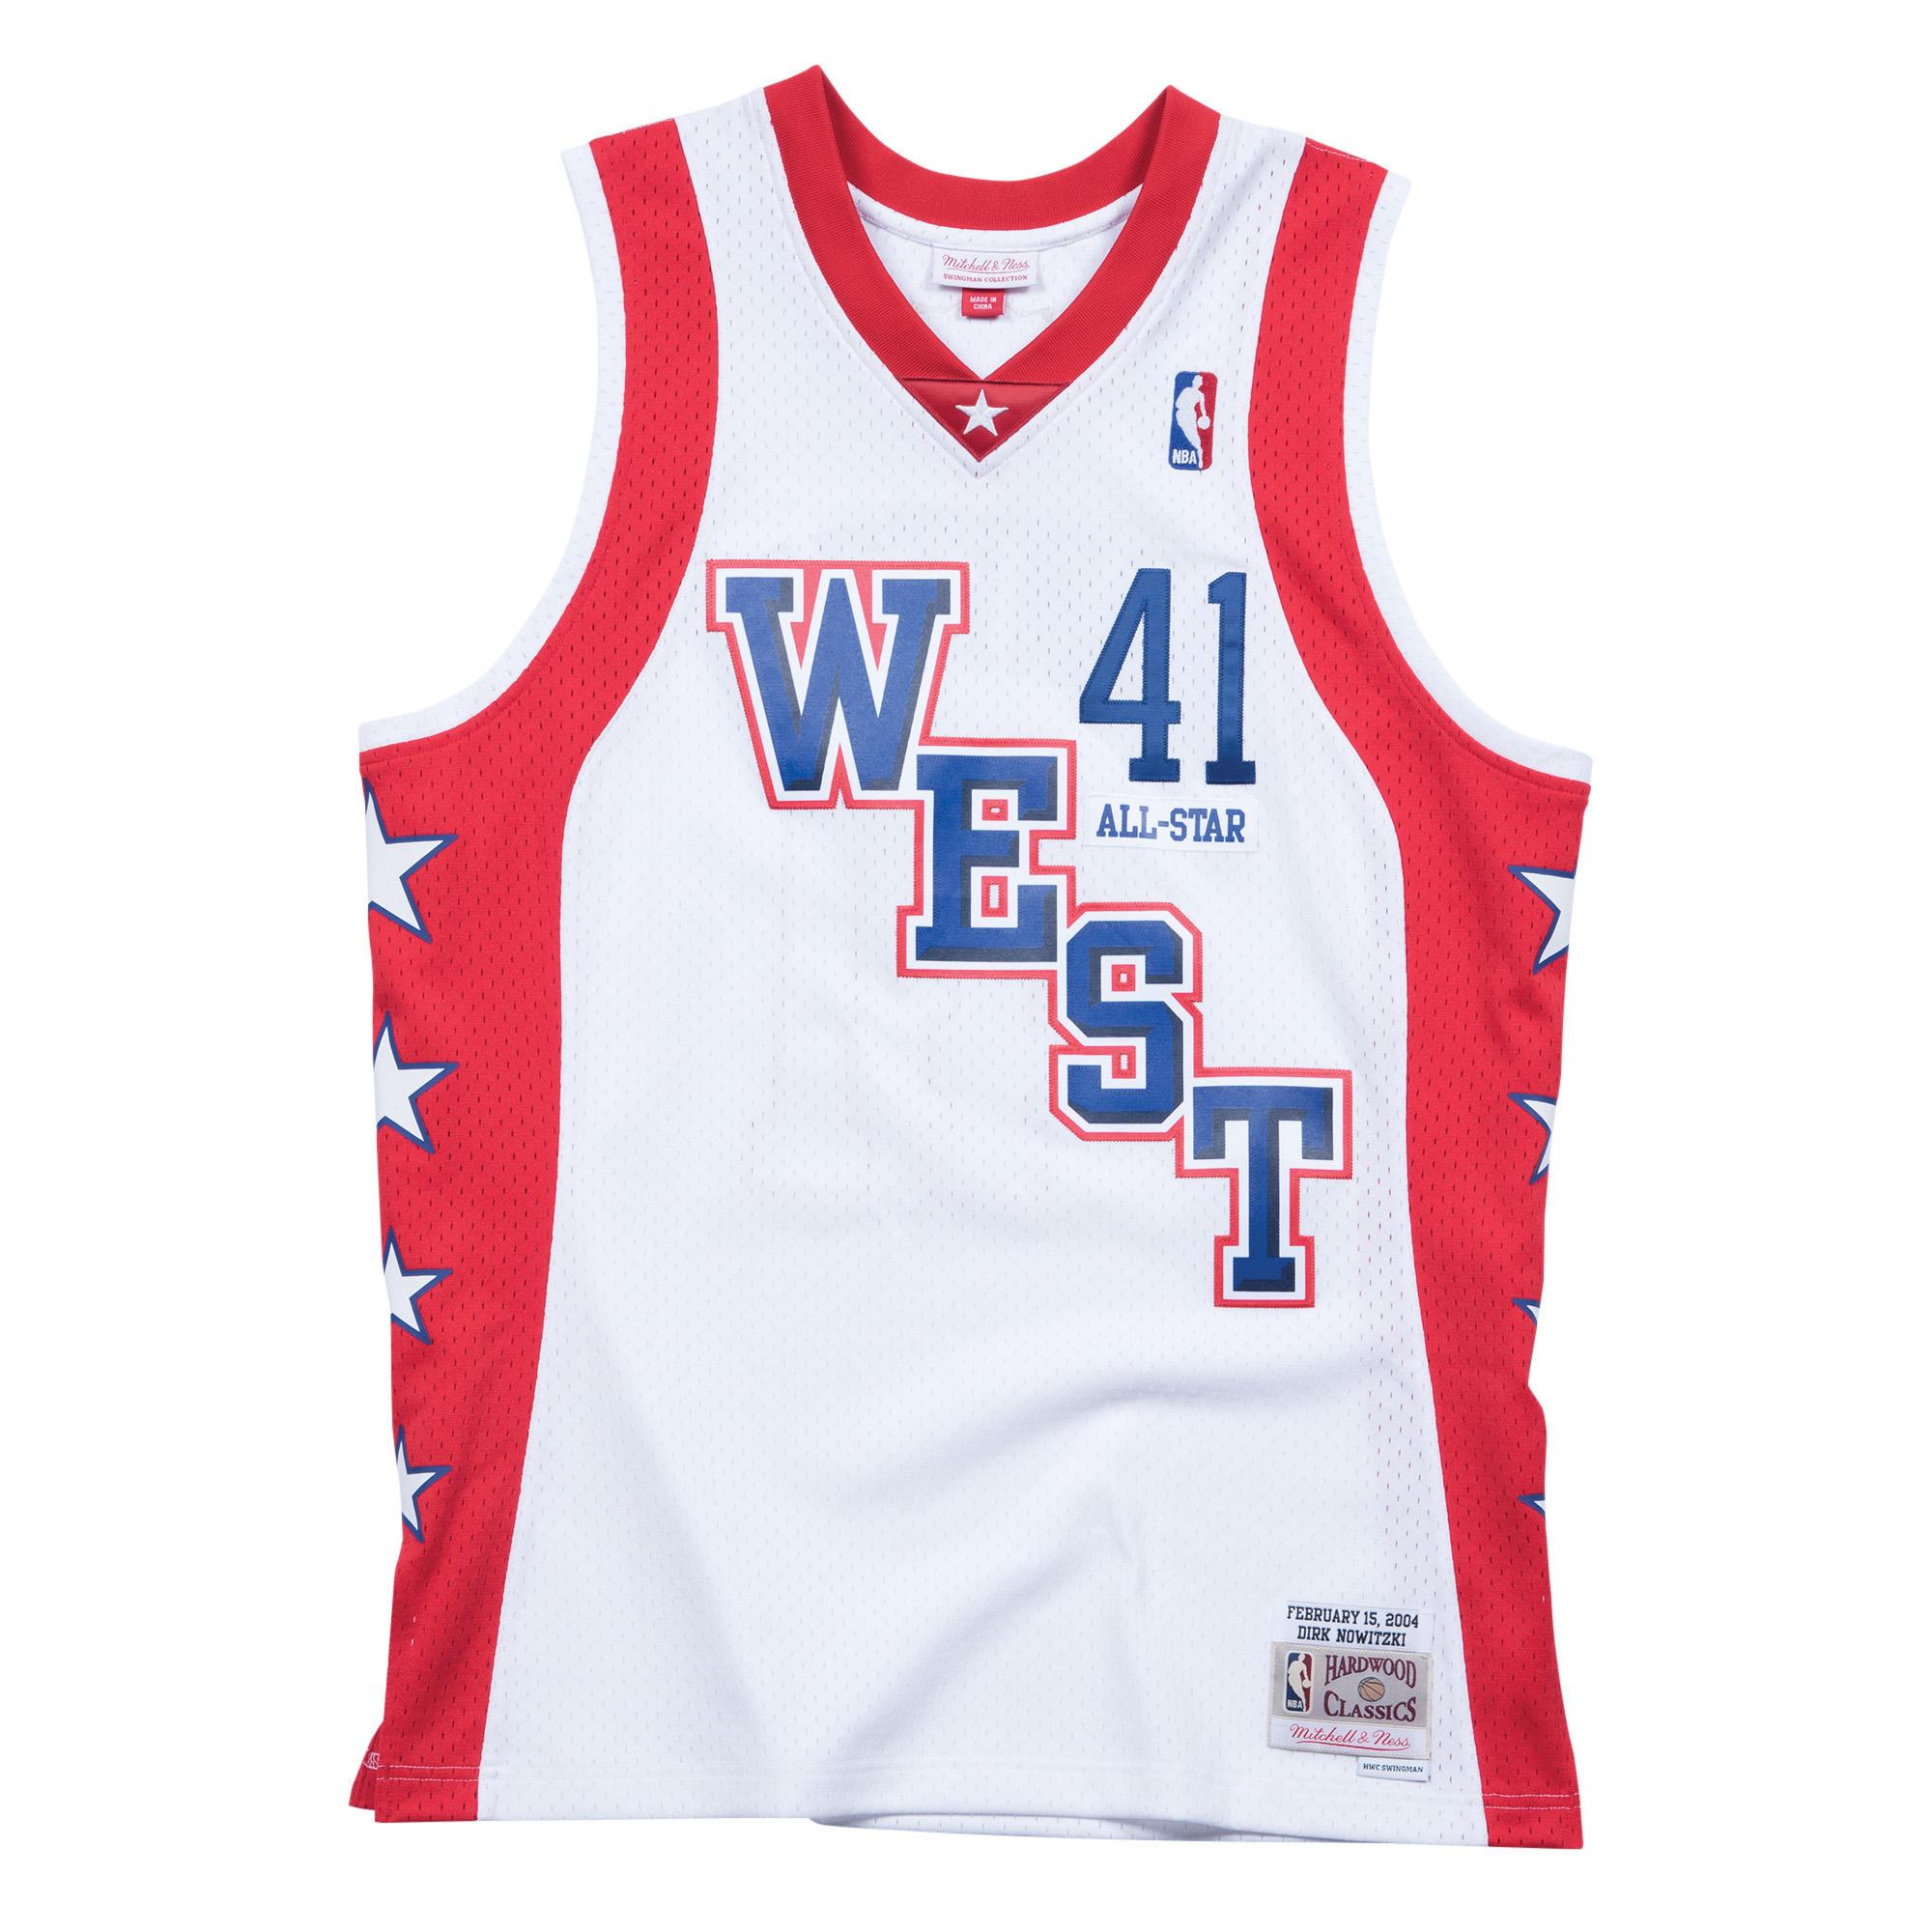 620d00947aa1 Dirk Nowitzki 2004 West Swingman Jersey Our Price  £90.00 ...